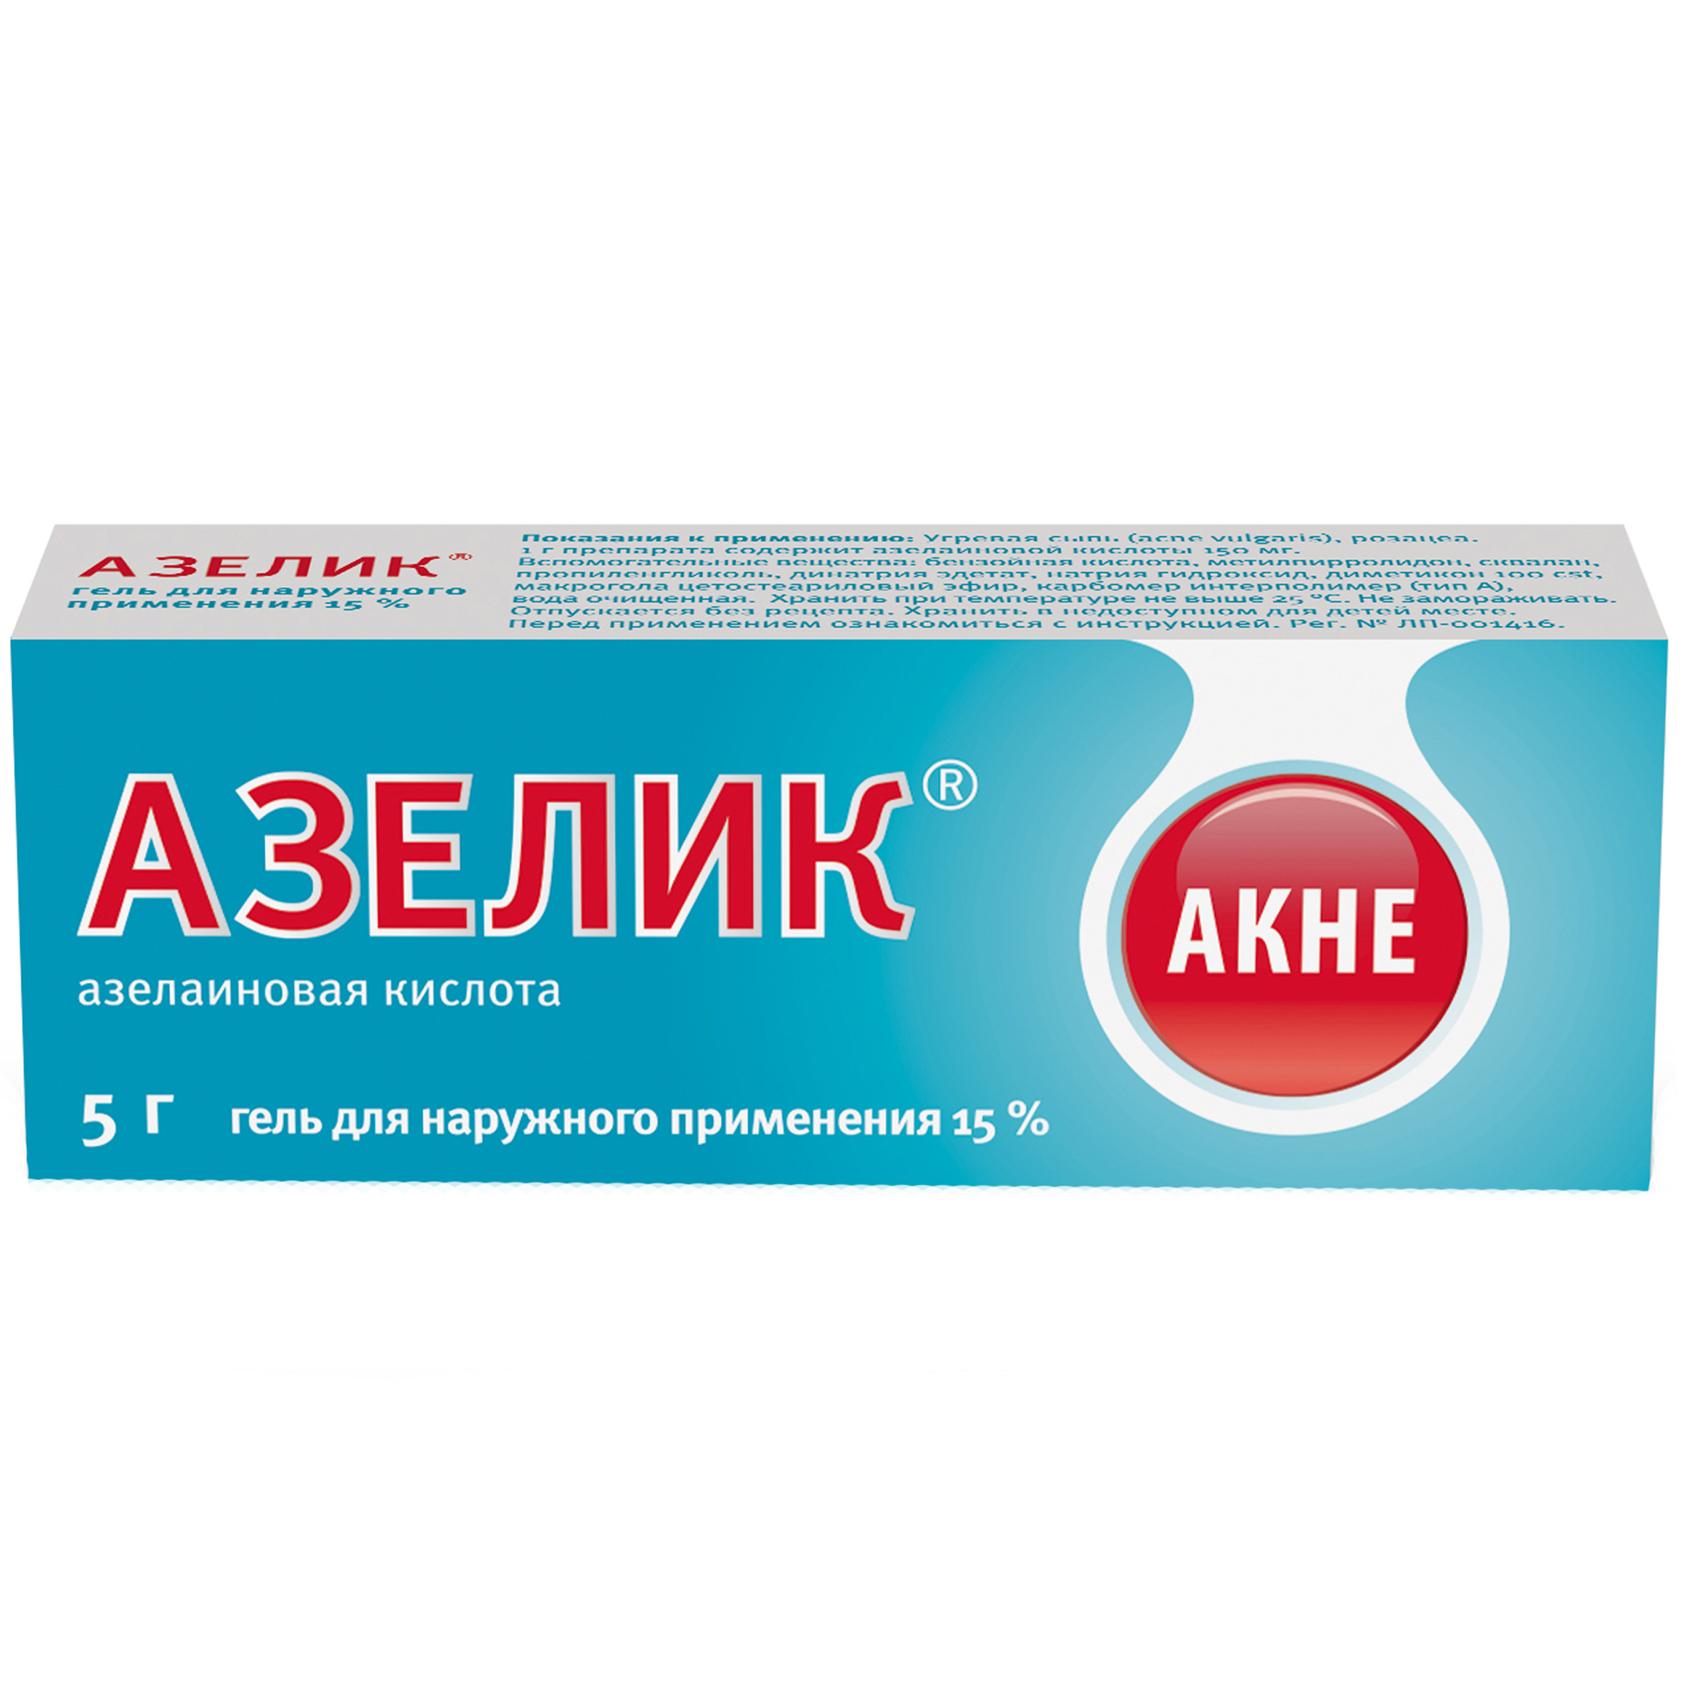 Азелик гель 15 % 5 г